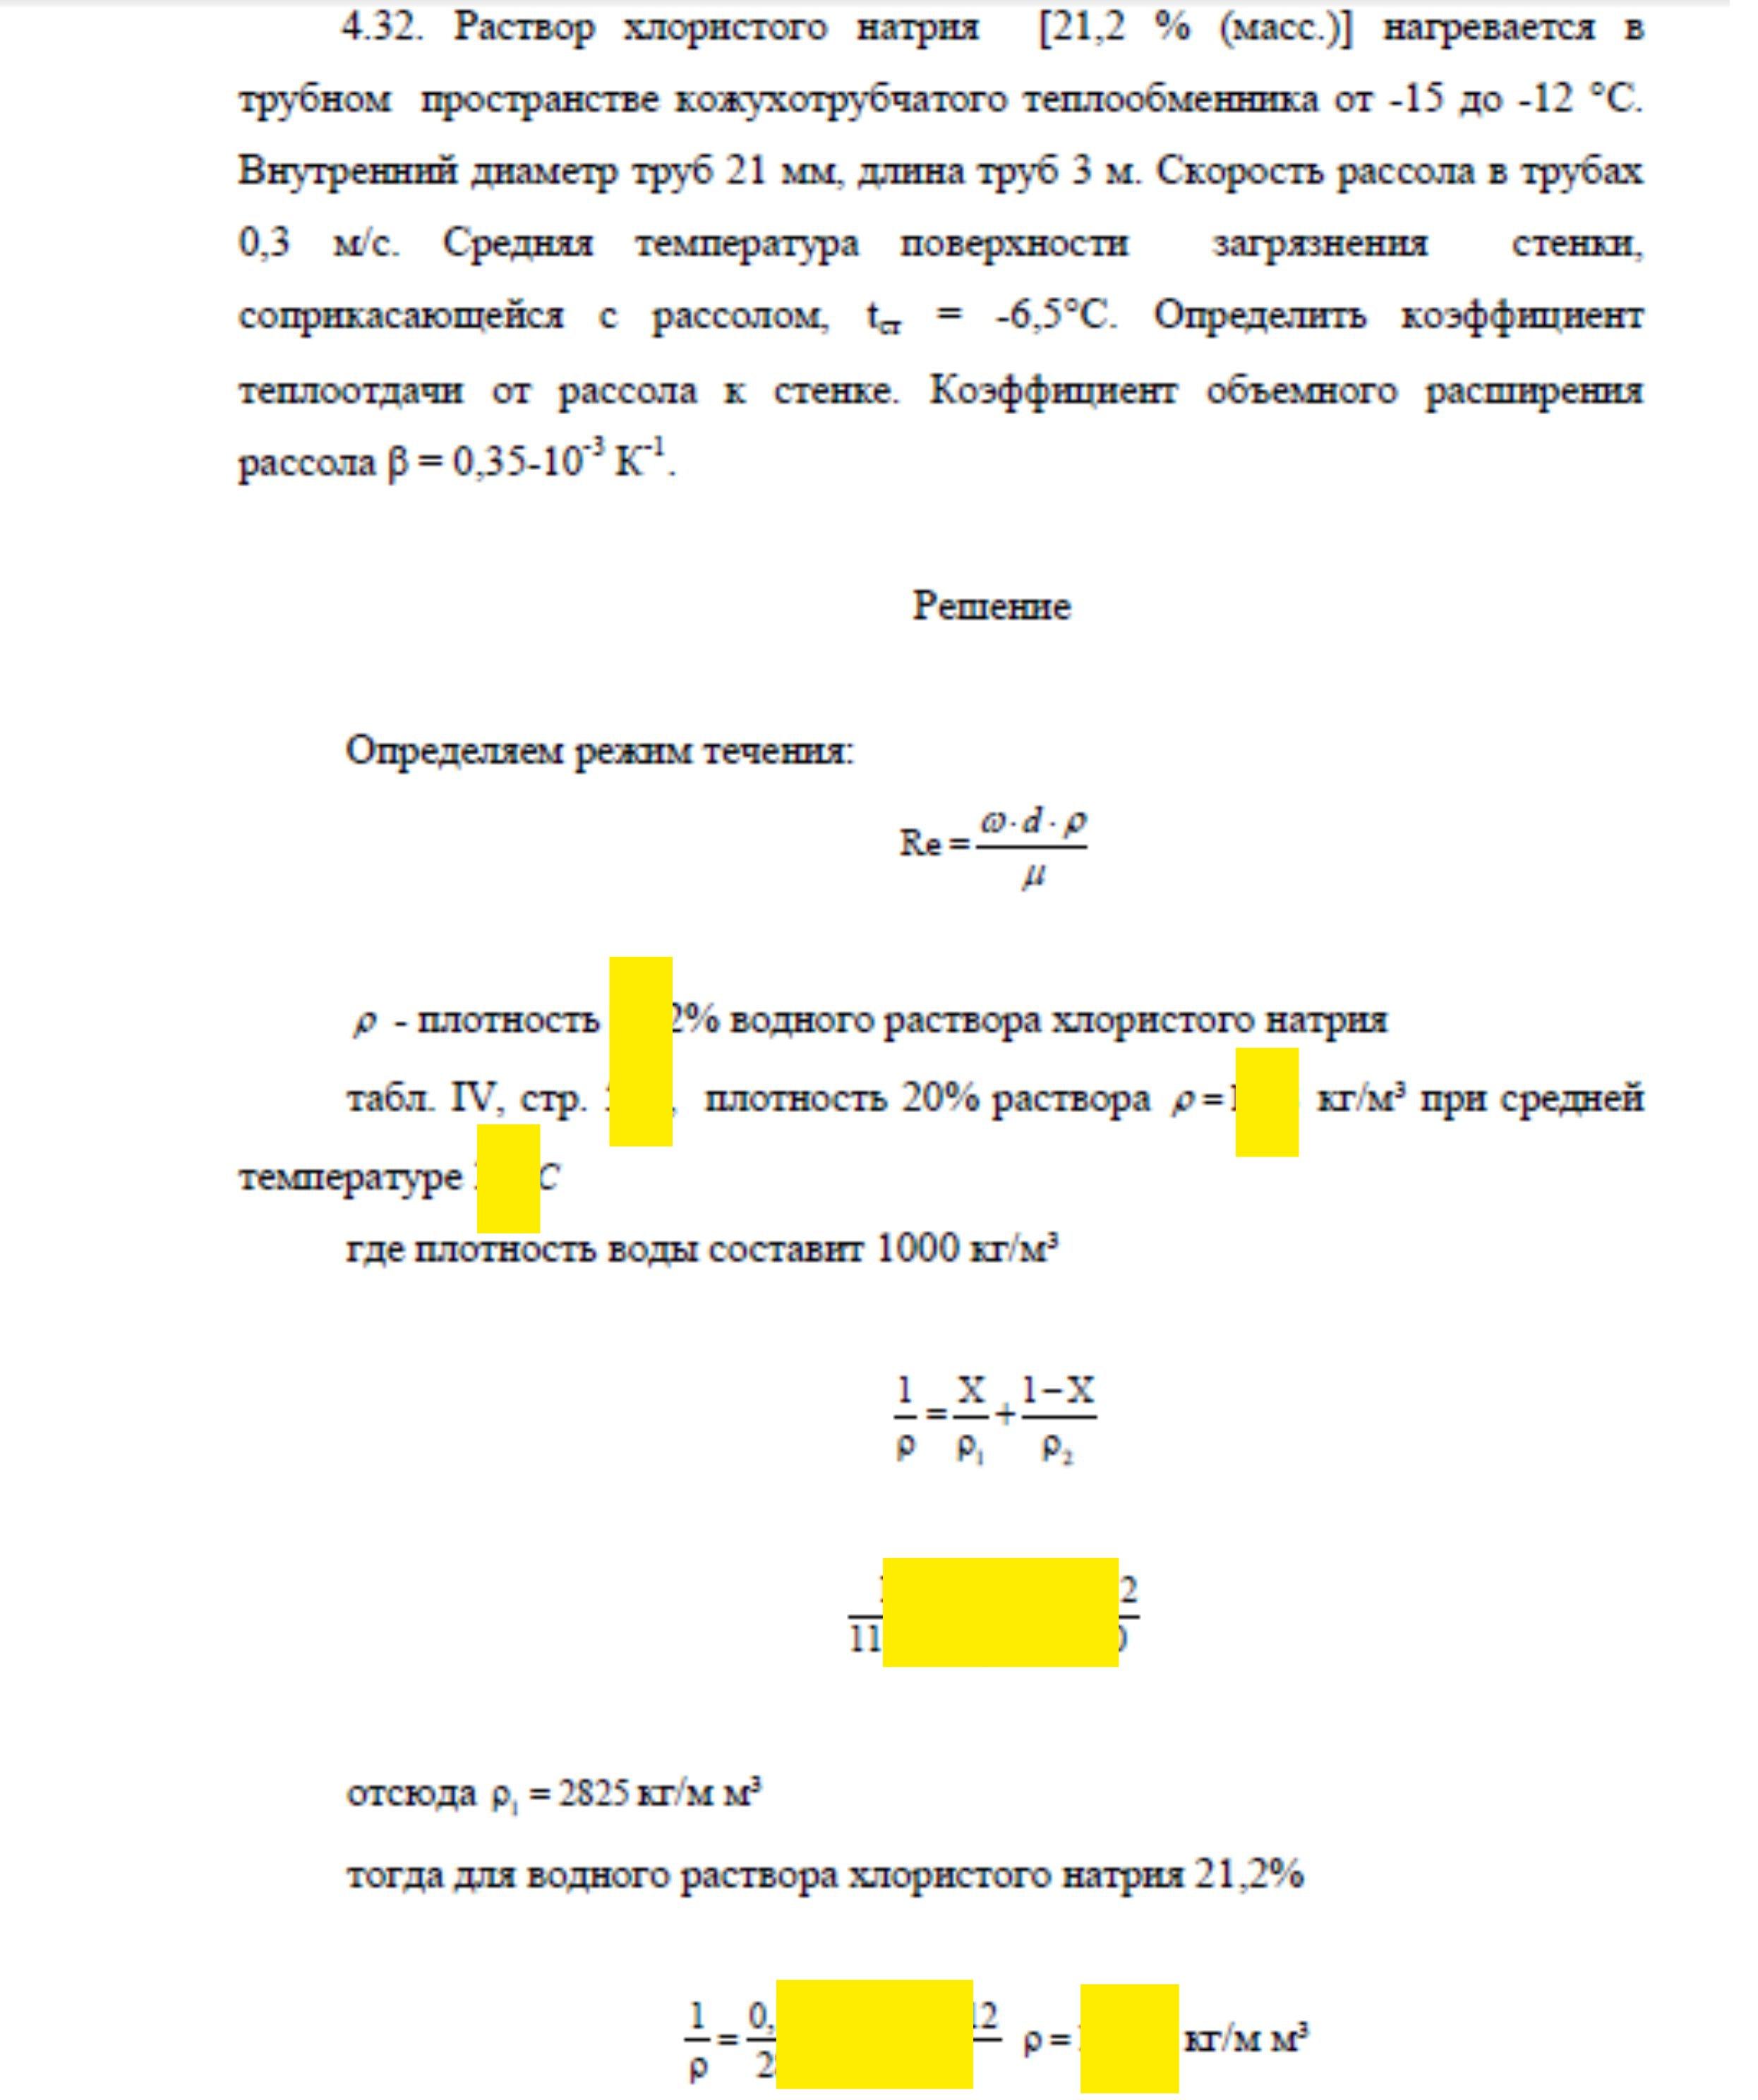 Решение задачи 4.32 по ПАХТ из задачника Павлова Романкова Носкова